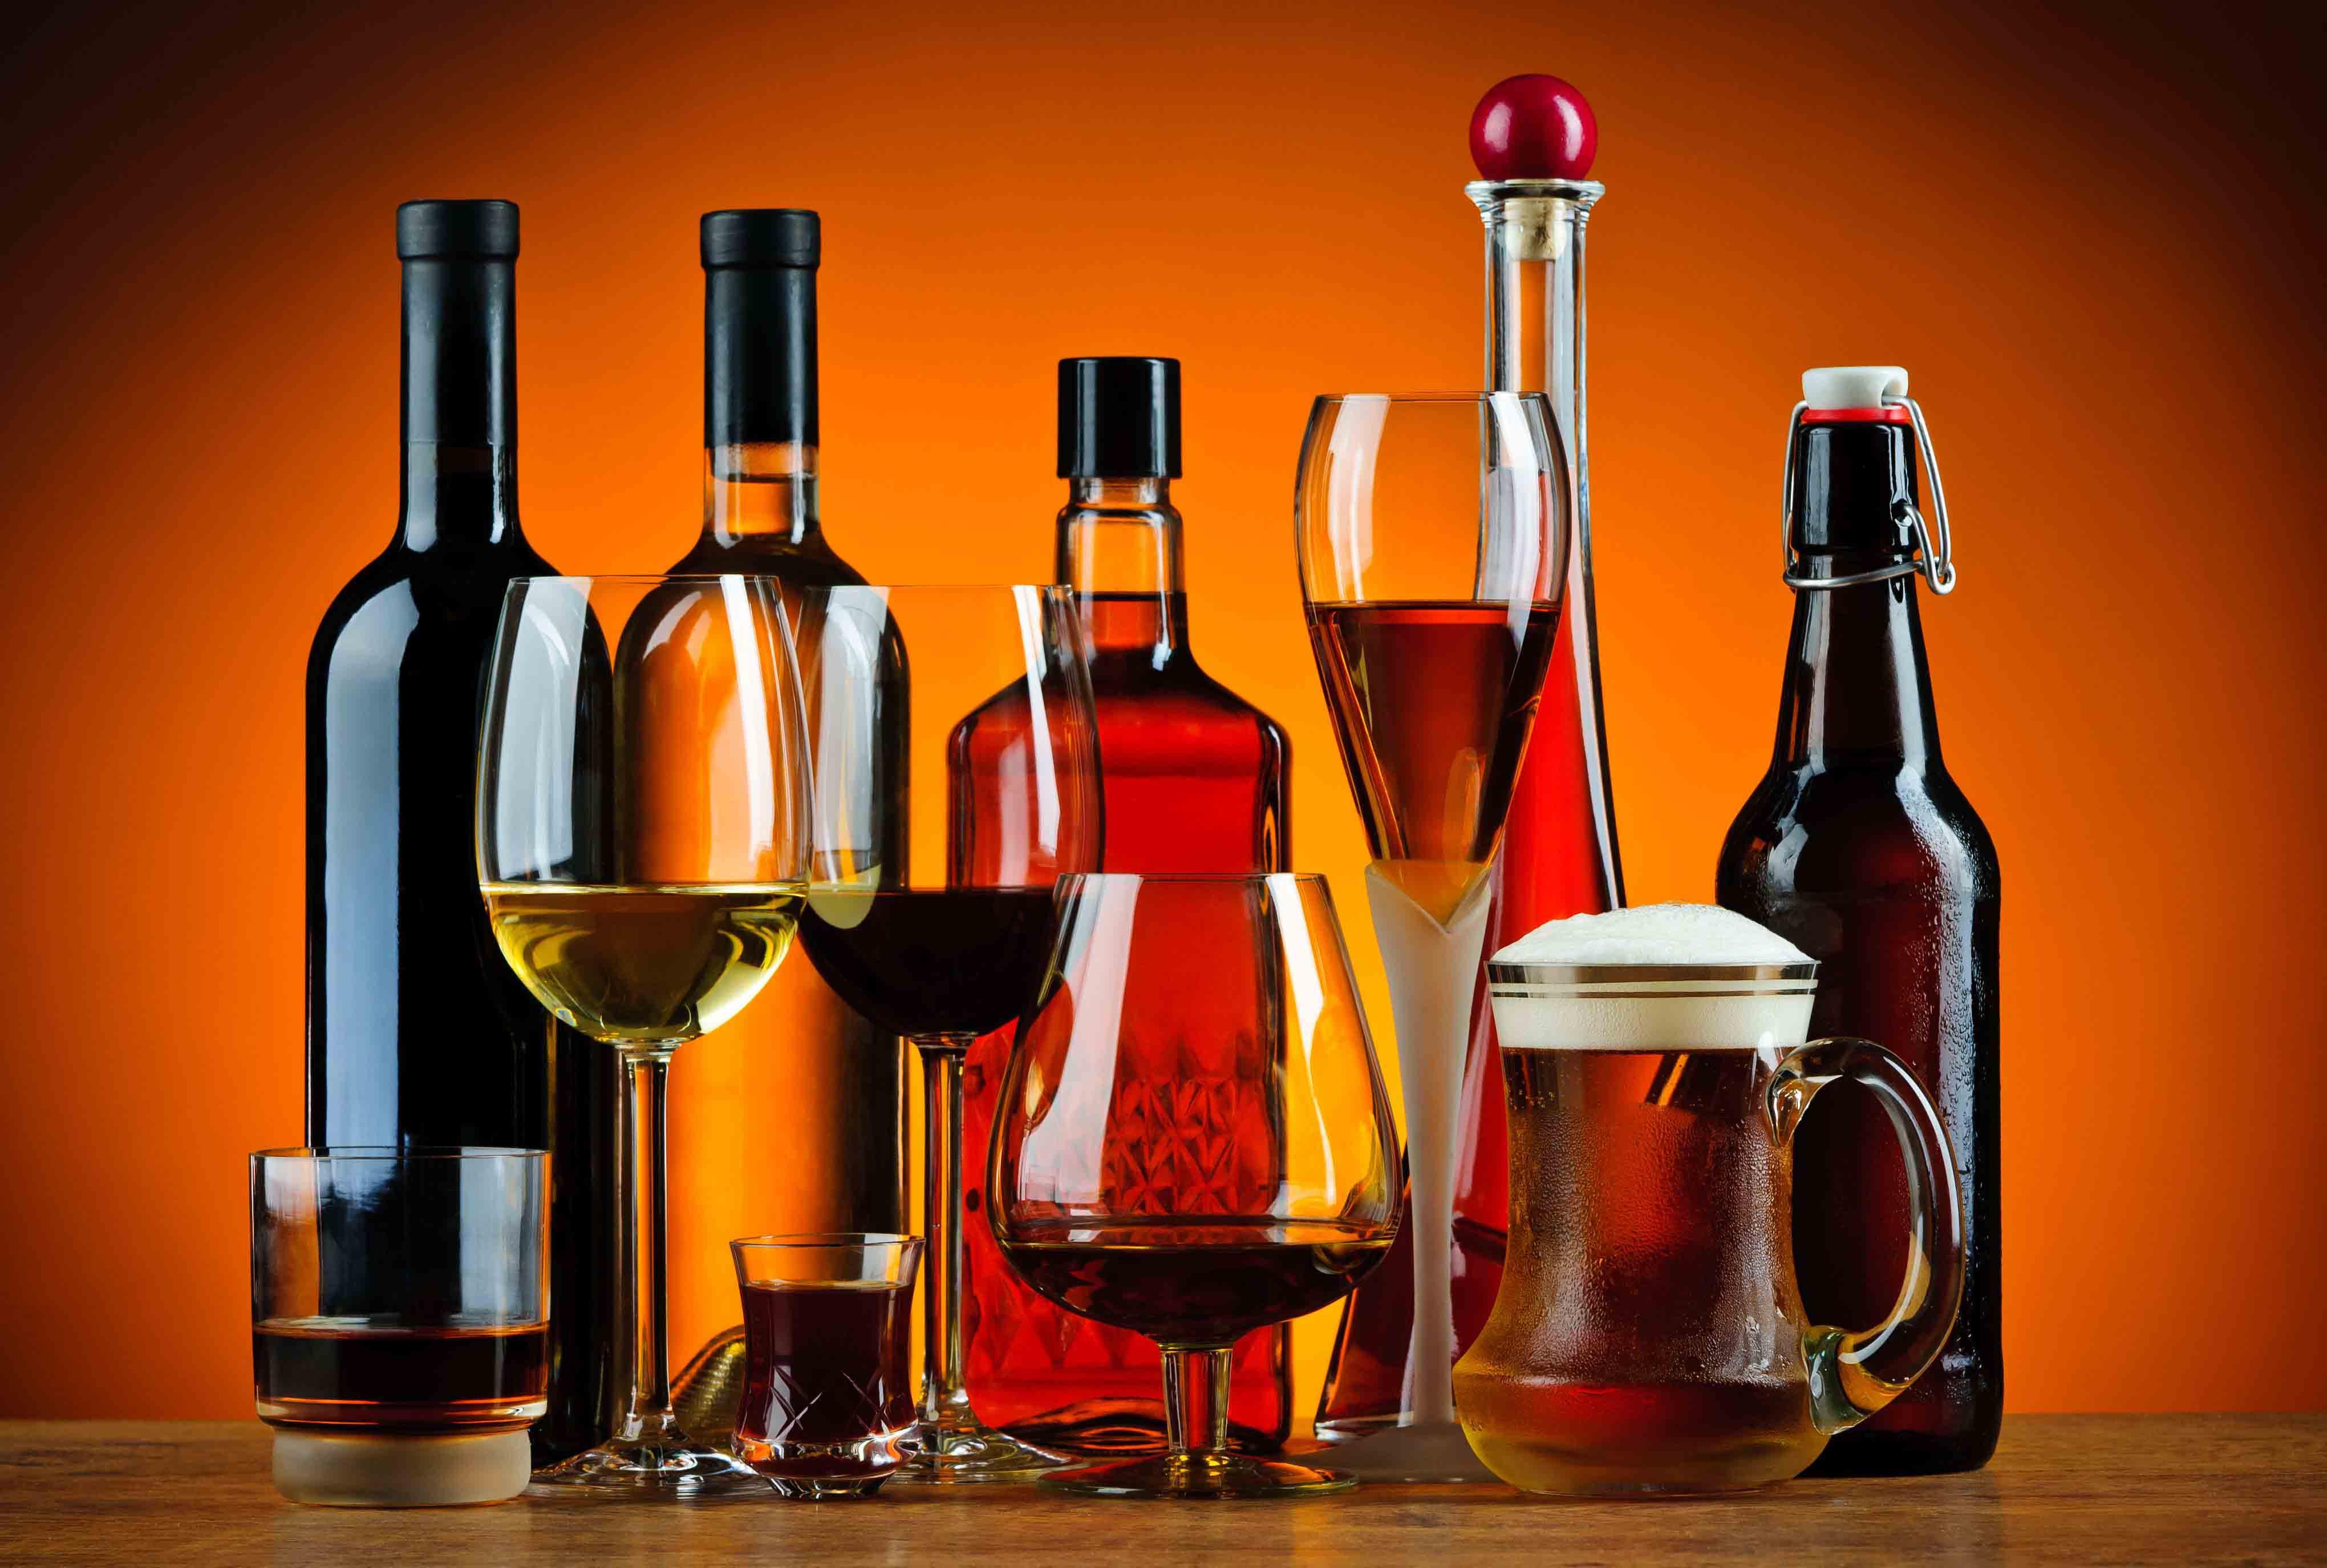 Продам ООО с лицензией на алкоголь